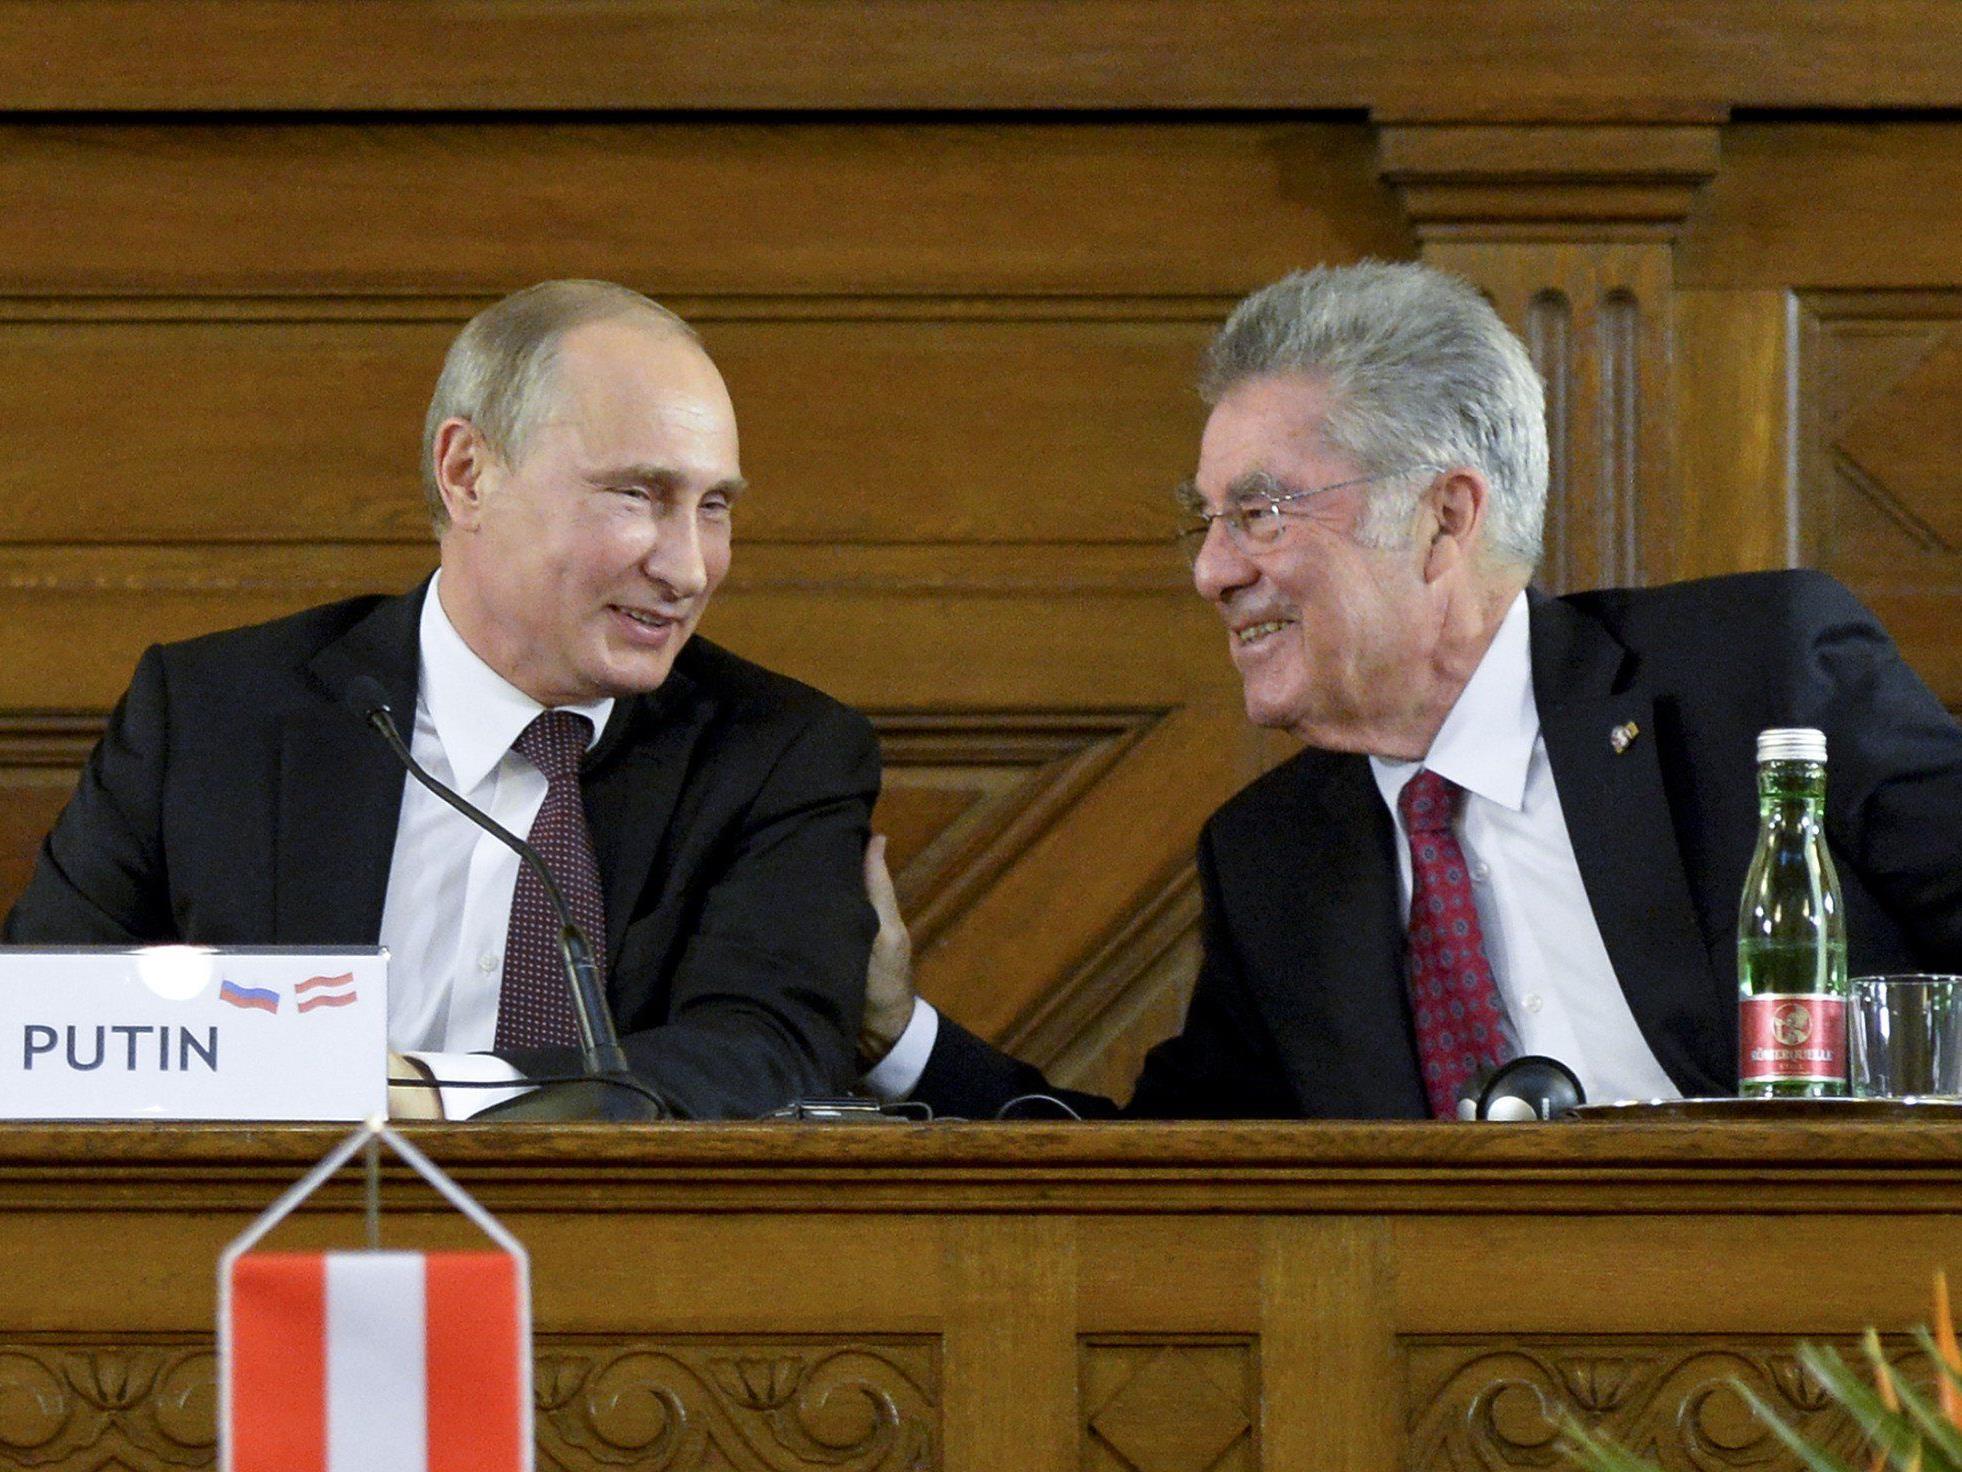 Darstellung Österreichs als Russland- und Putin-freundlich.